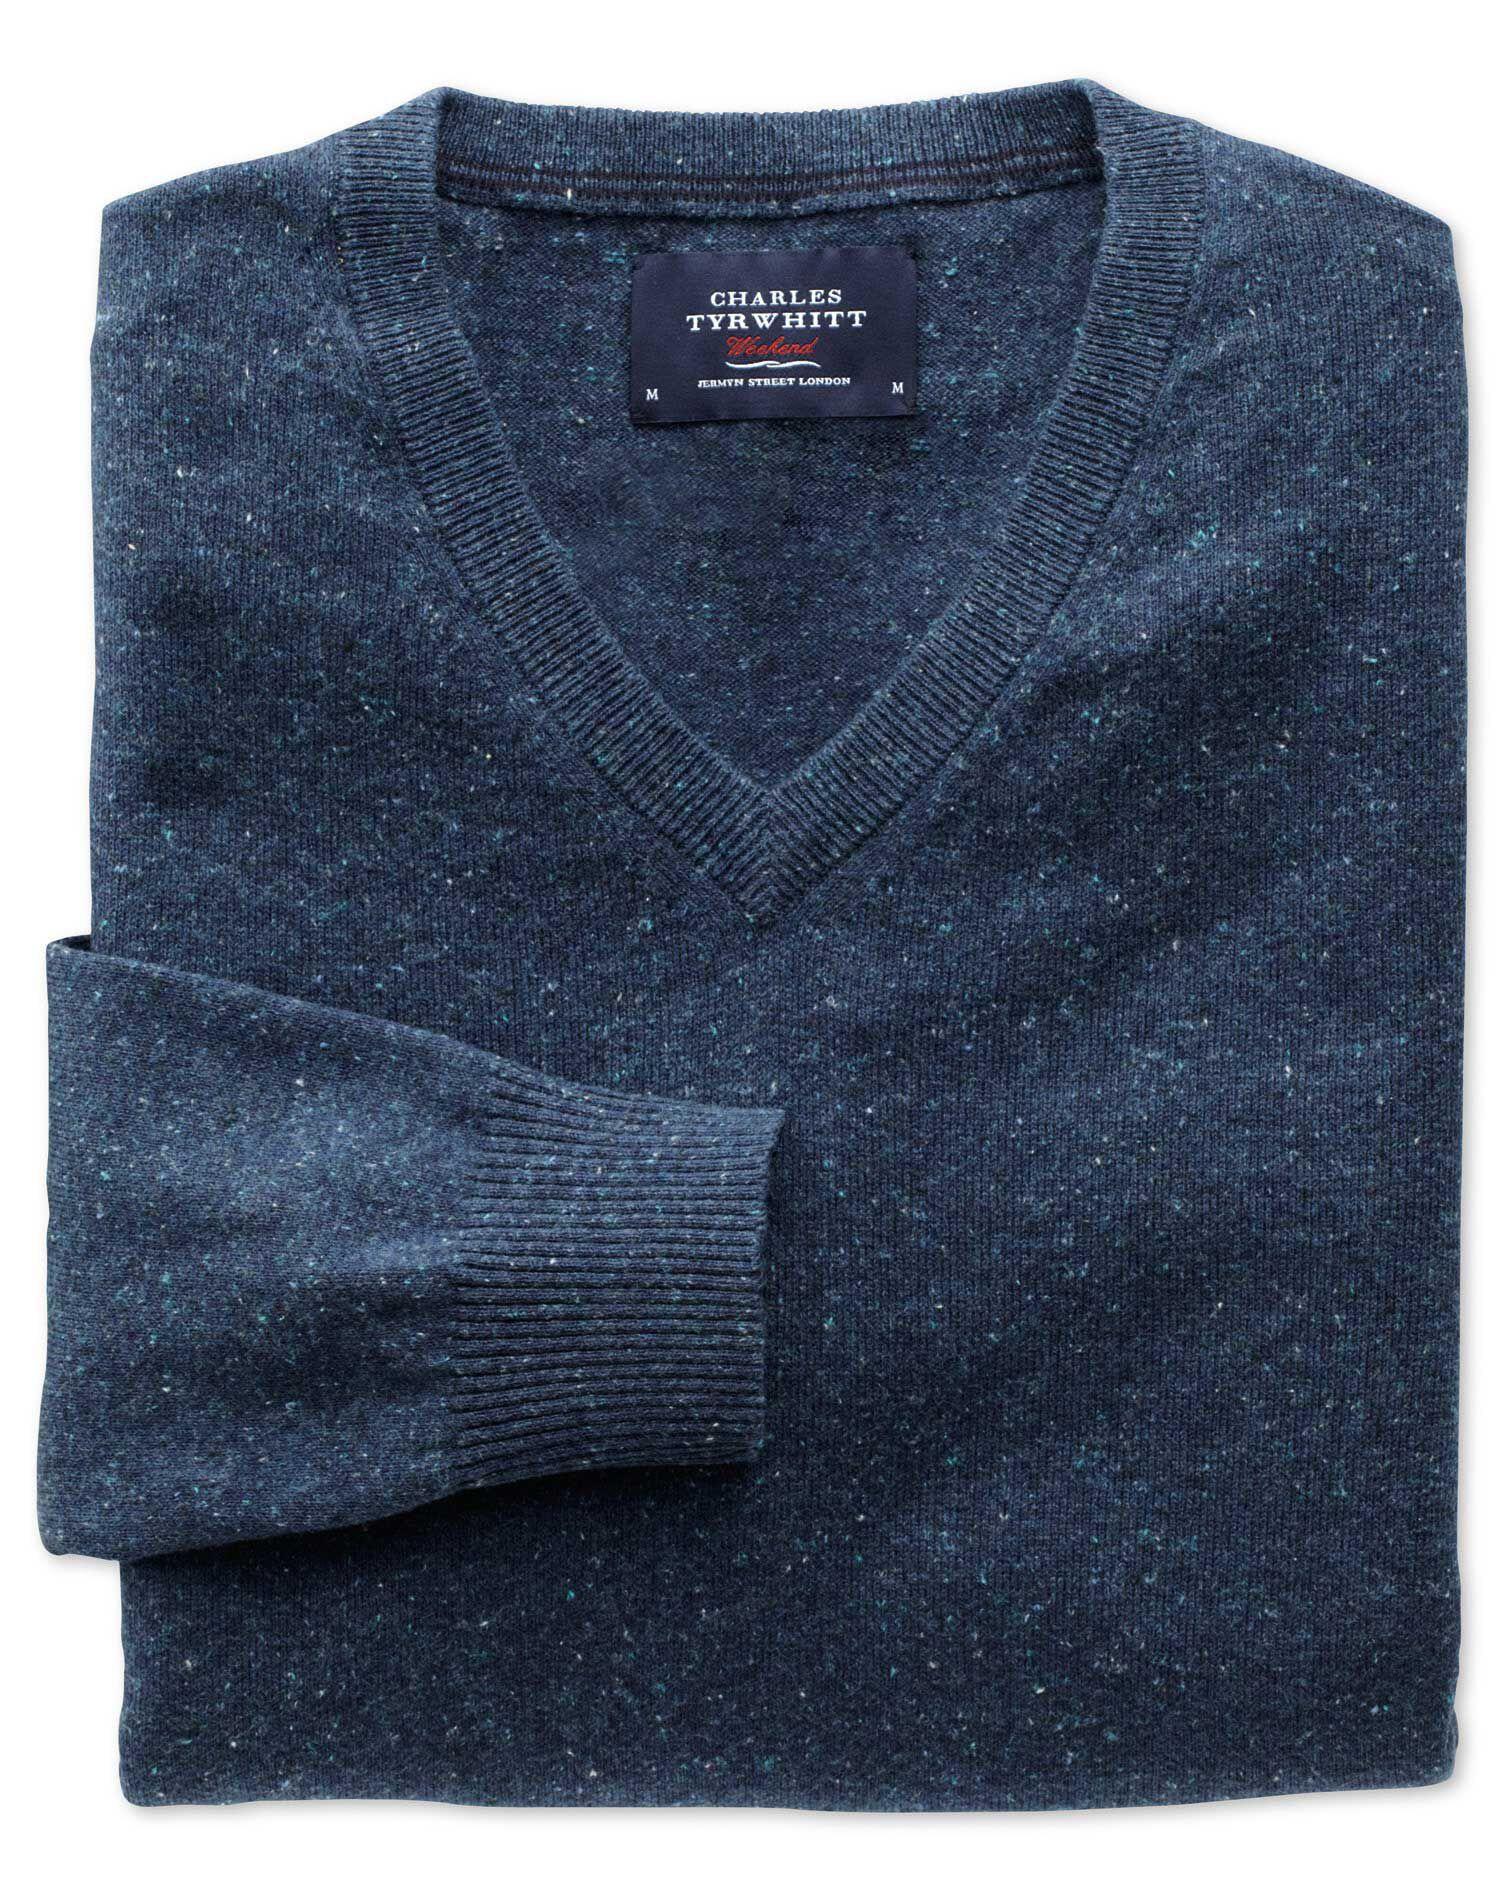 Indigo Cotton Cashmere V-Neck Jumper Size XS by Charles Tyrwhitt